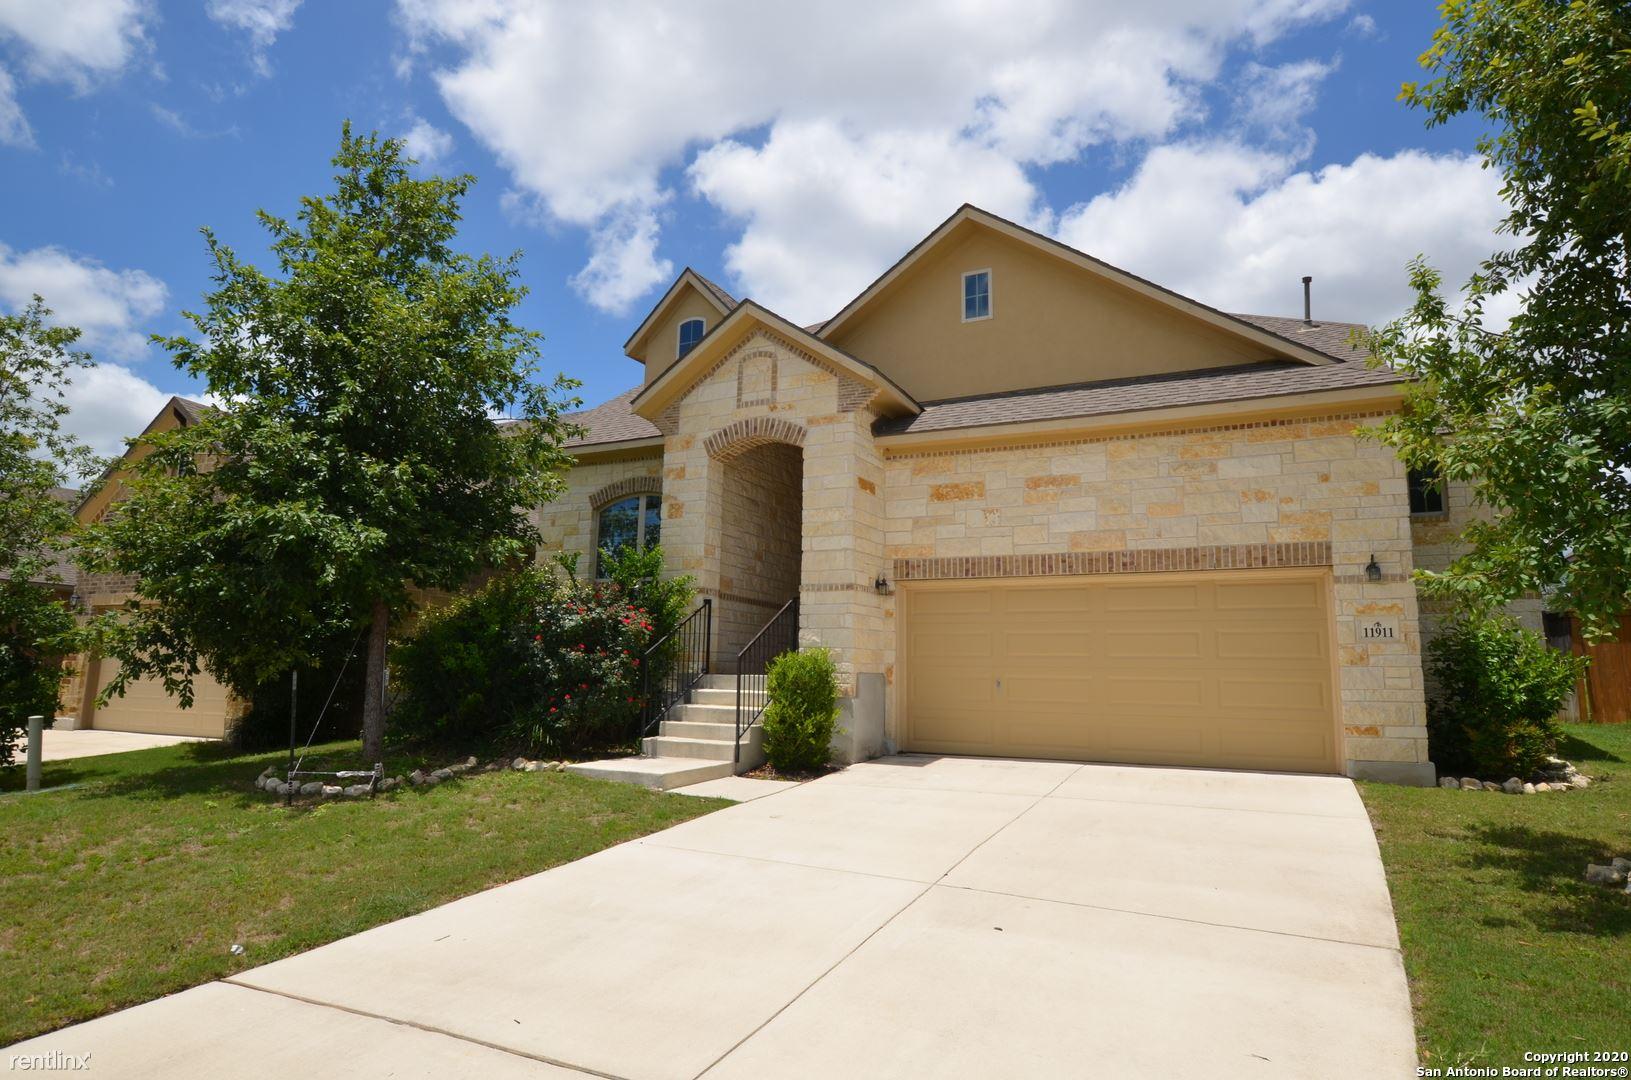 11911 Bailey Hls, San Antonio, TX - $2,795